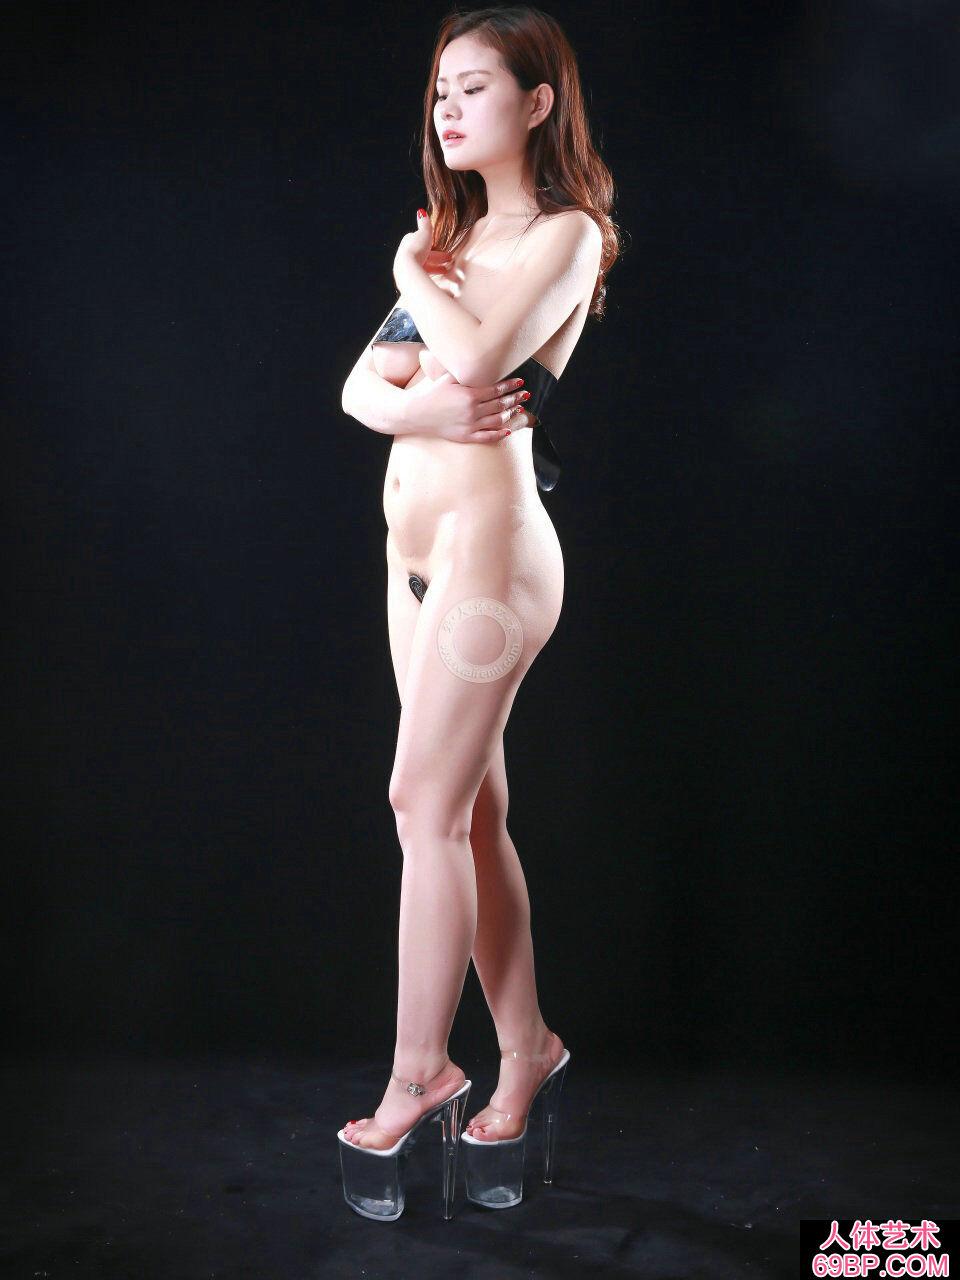 黑色背景棚拍嫩模阿玉胶带裹胸人体写照